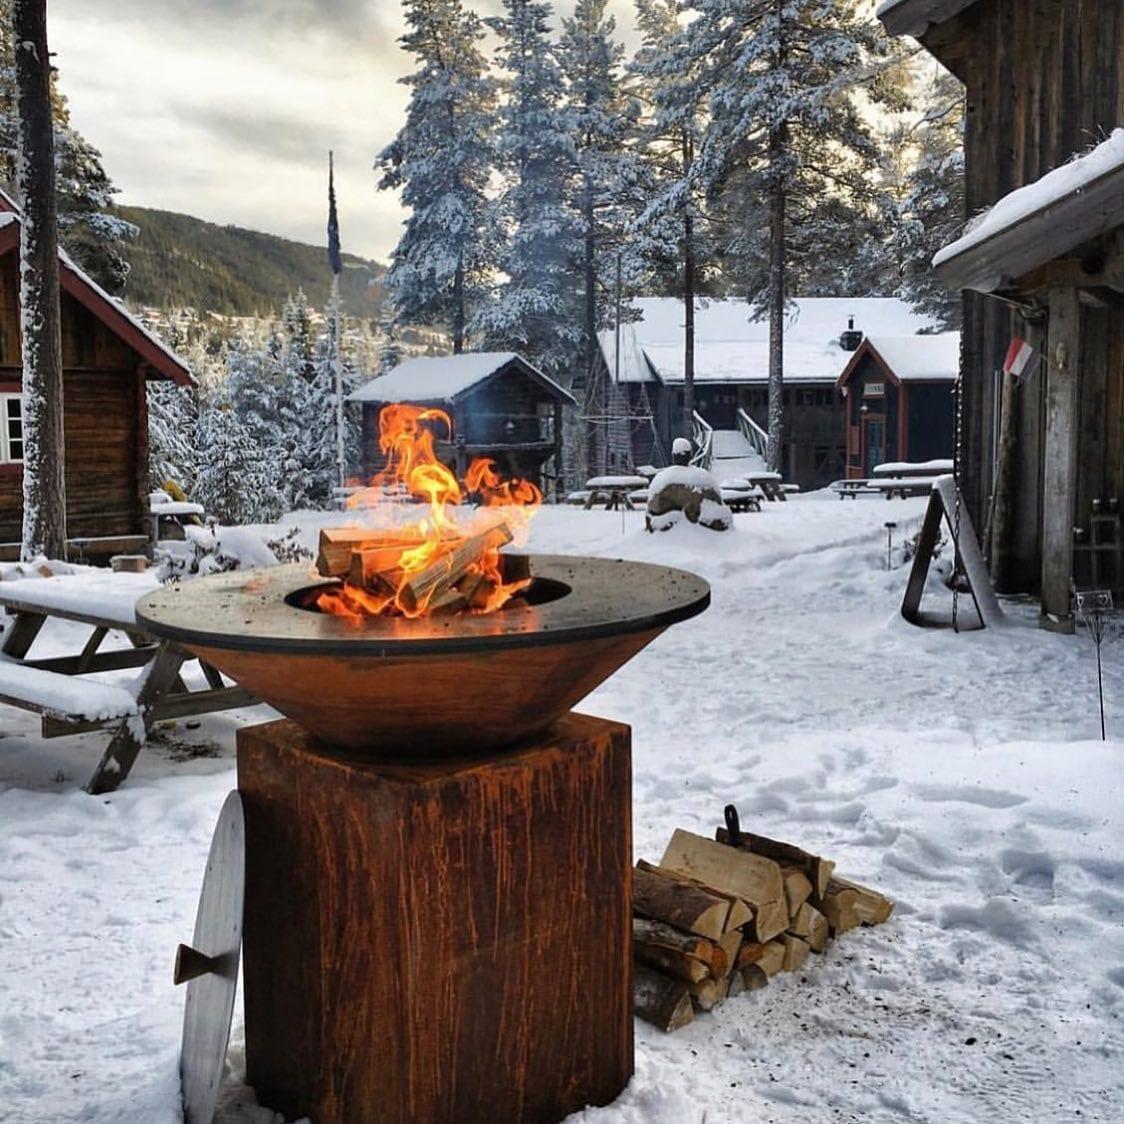 Bålpanne-fra-ofyr-i-vinterlige-omgivelser Hagemøbler og utemøbler - Fine design